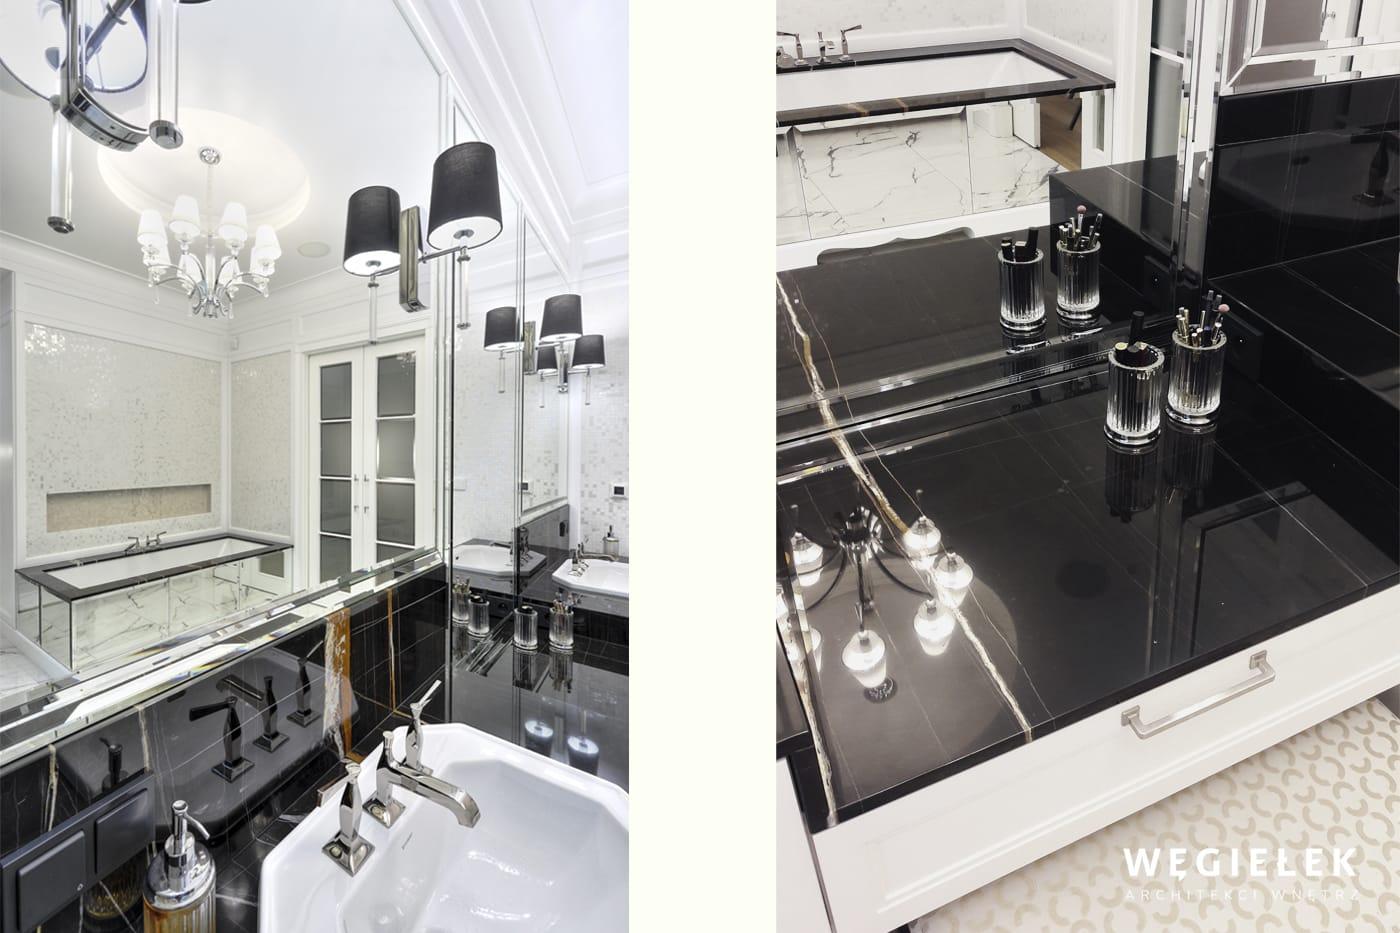 W tej łazience wszystko ma połysk, lustra, marmurowe blaty, podłoga, armatura. Projekt wnętrza zachwyca światłem i przestrzenią. Jest klasycznie piękny.